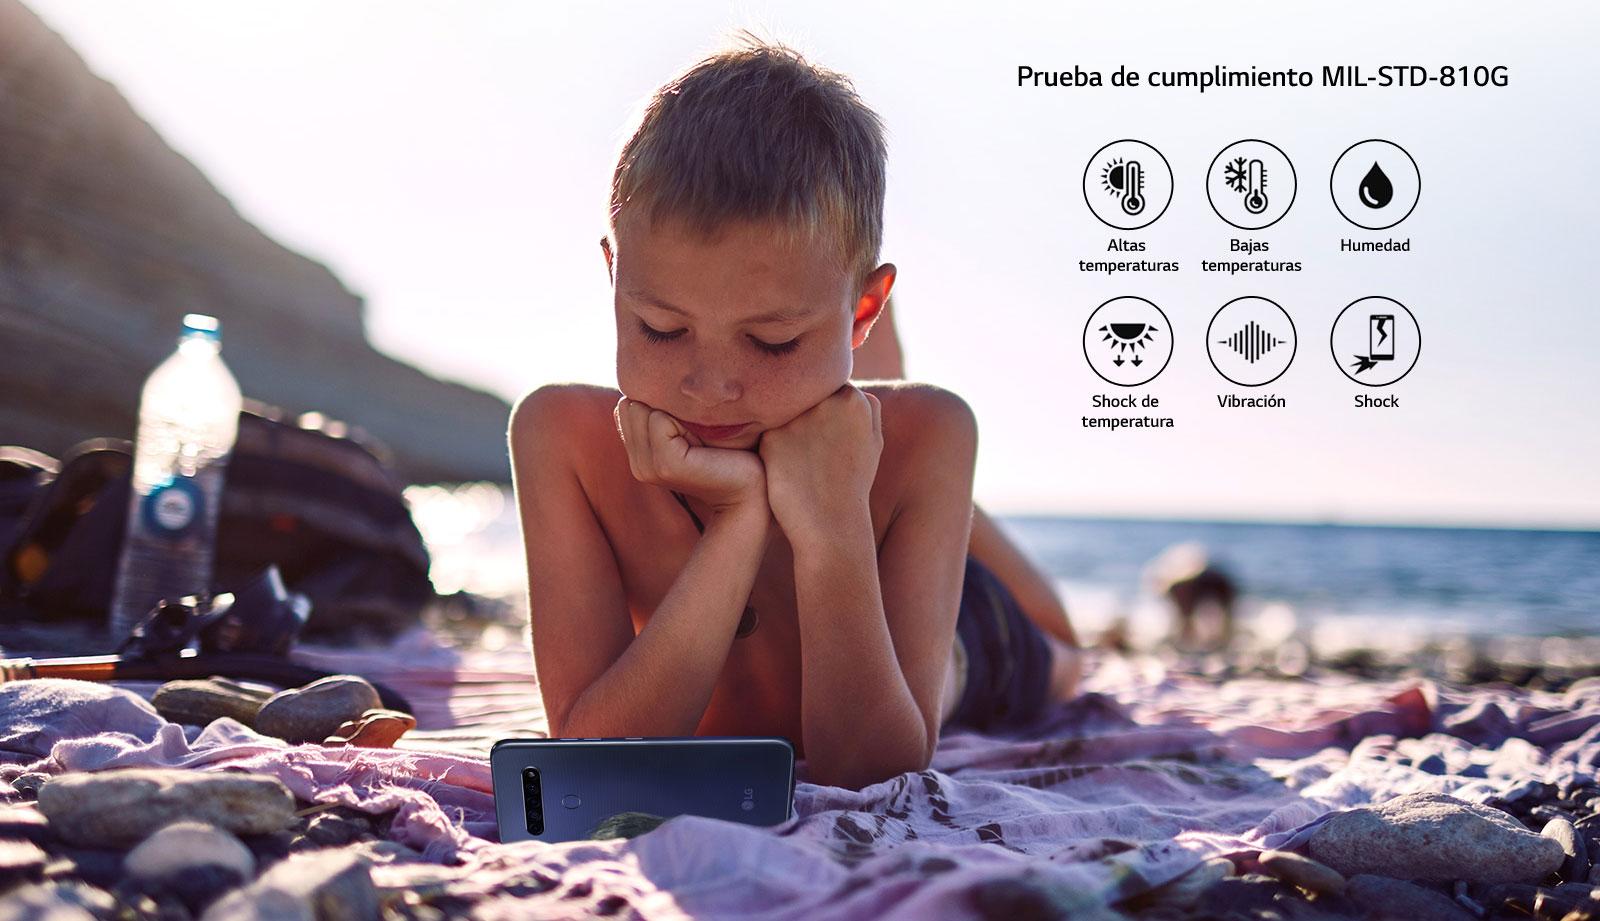 Niño acostado en la playa mientras mira una película en su teléfono inteligente